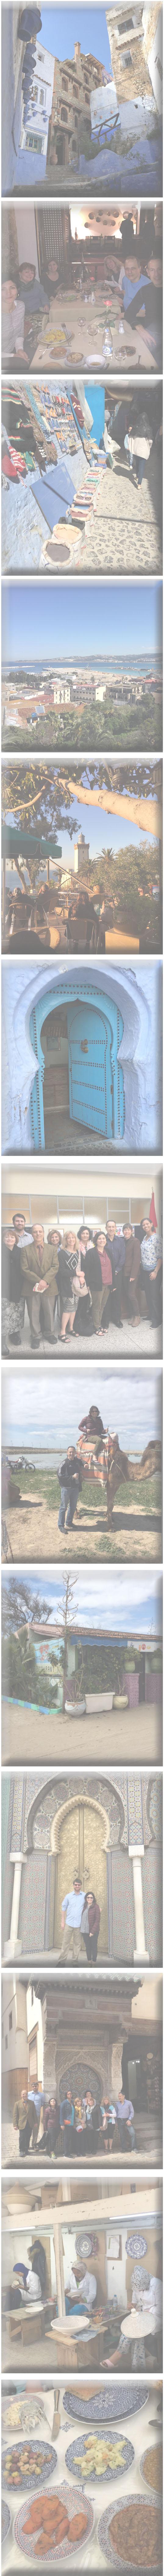 JJC Faculty Morocco Photos